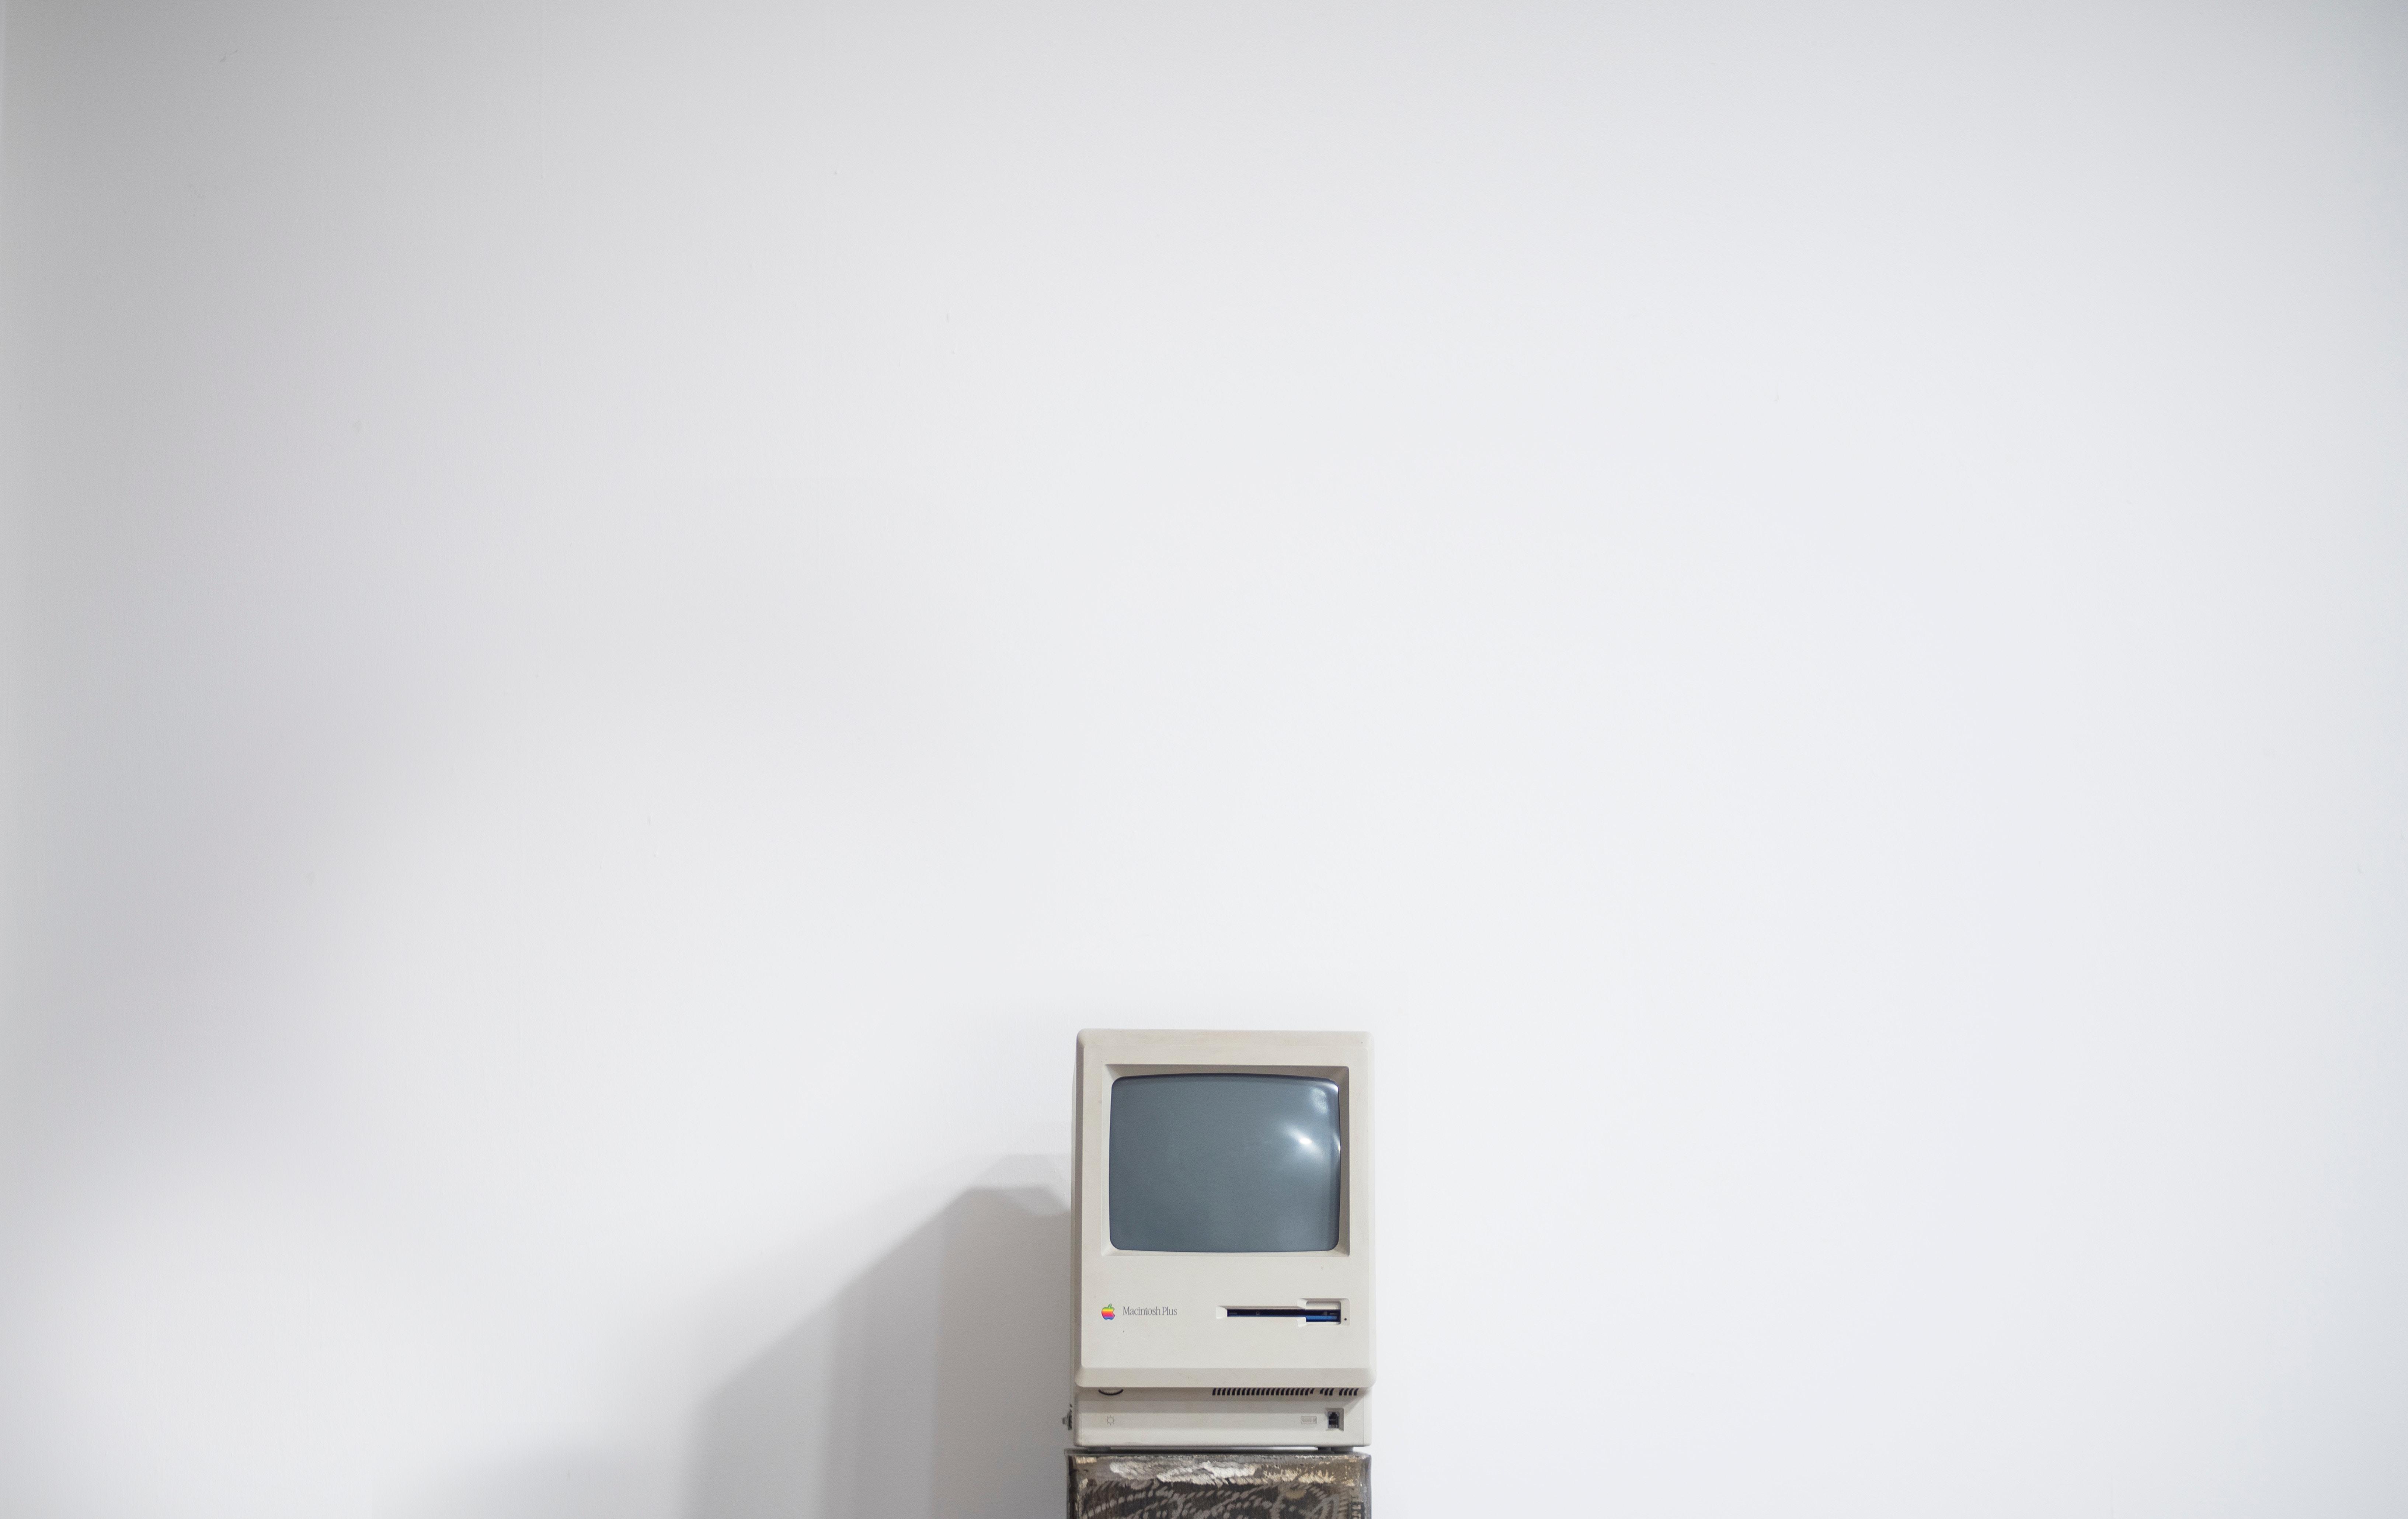 обои на старый компьютер полюбуемся подборкой нарядов